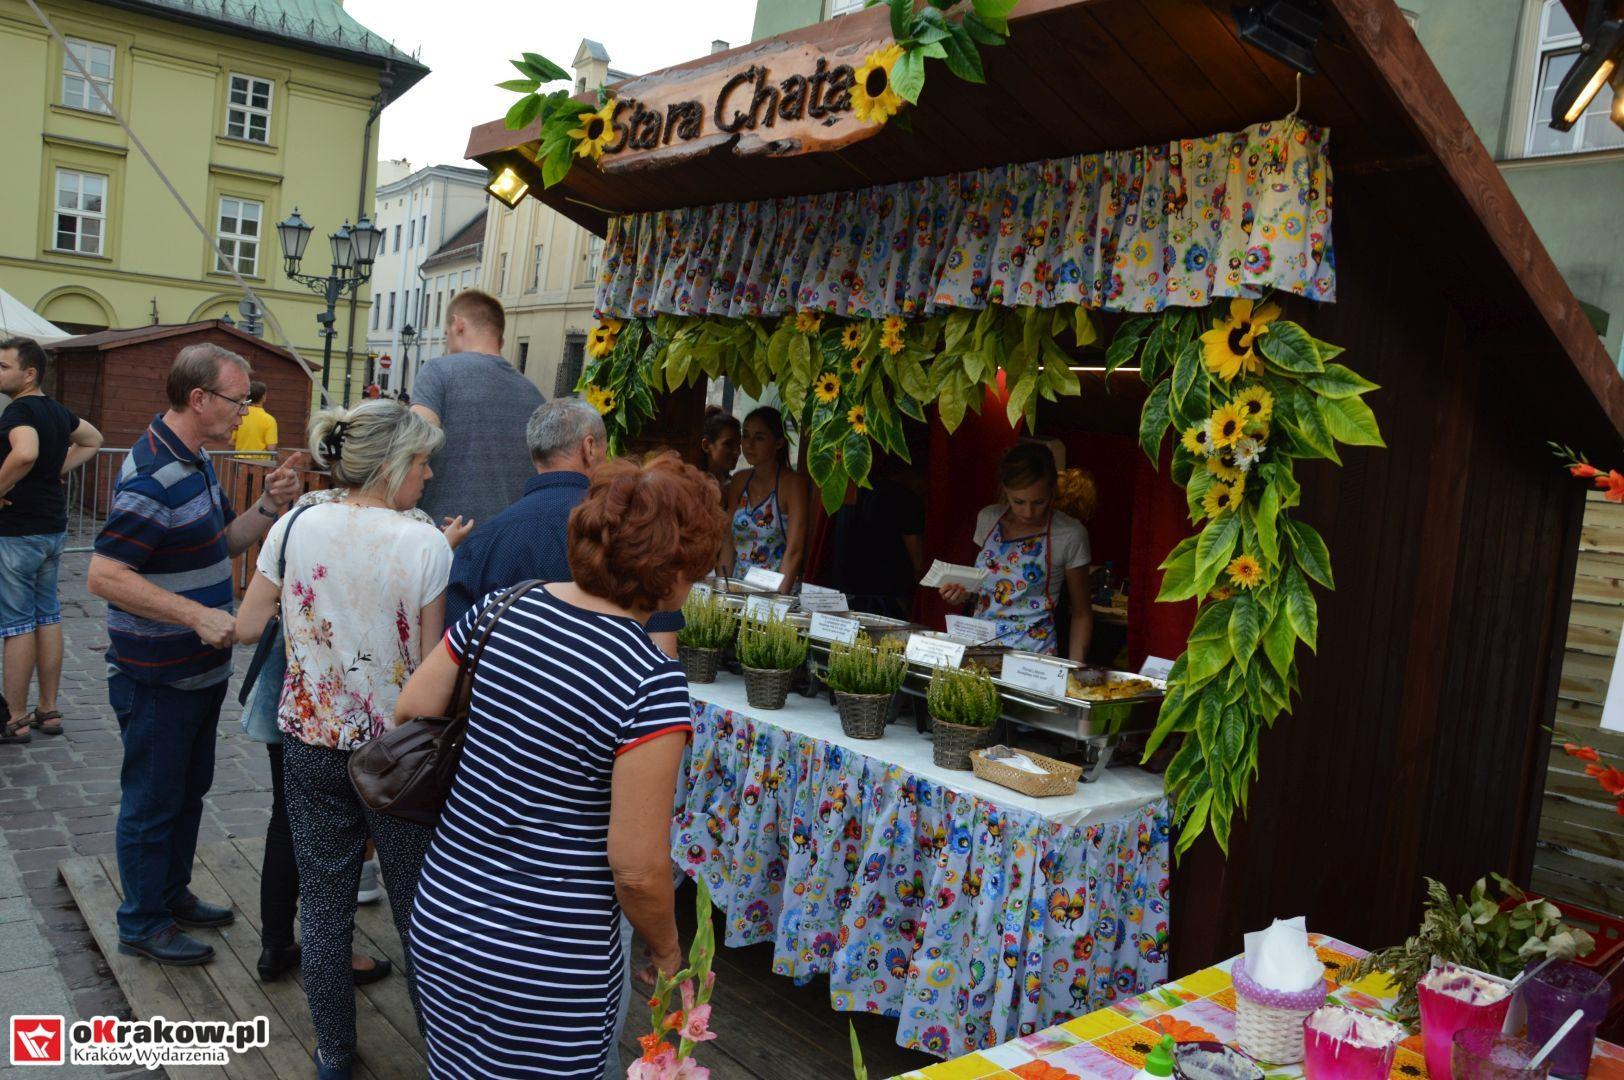 krakow festiwal pierogow maly rynek koncert cheap tobacco 91 150x150 - Galeria zdjęć Festiwal Pierogów Kraków 2018 + zdjęcia z koncertu Cheap Tobacco